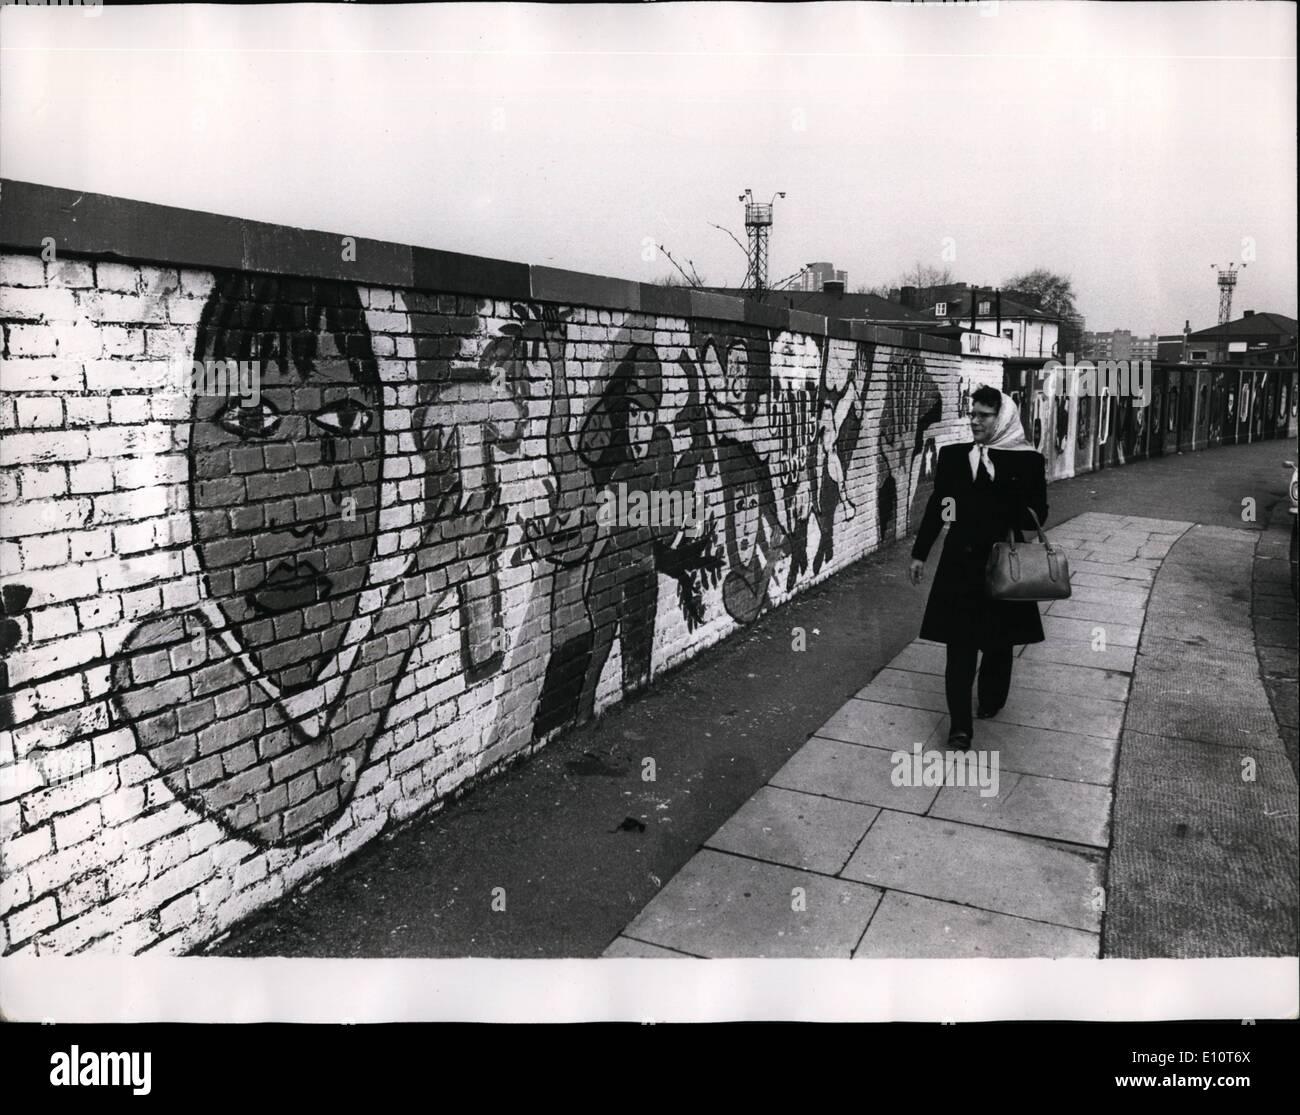 3. März 1974 - Wandmalerei inspiriert durch die Ereignisse in Chile; Dieses gut Gemälde von der feinen Herzen Brigade in König Heinrich Straße. Chalk Farm, London, wurde inspiriert durch die jüngsten Ereignisse von Chelsea Volkskunst, umfasst eine Ausstellung von Fotografien und Plakate an der TUC Kongresshaus. Stockbild